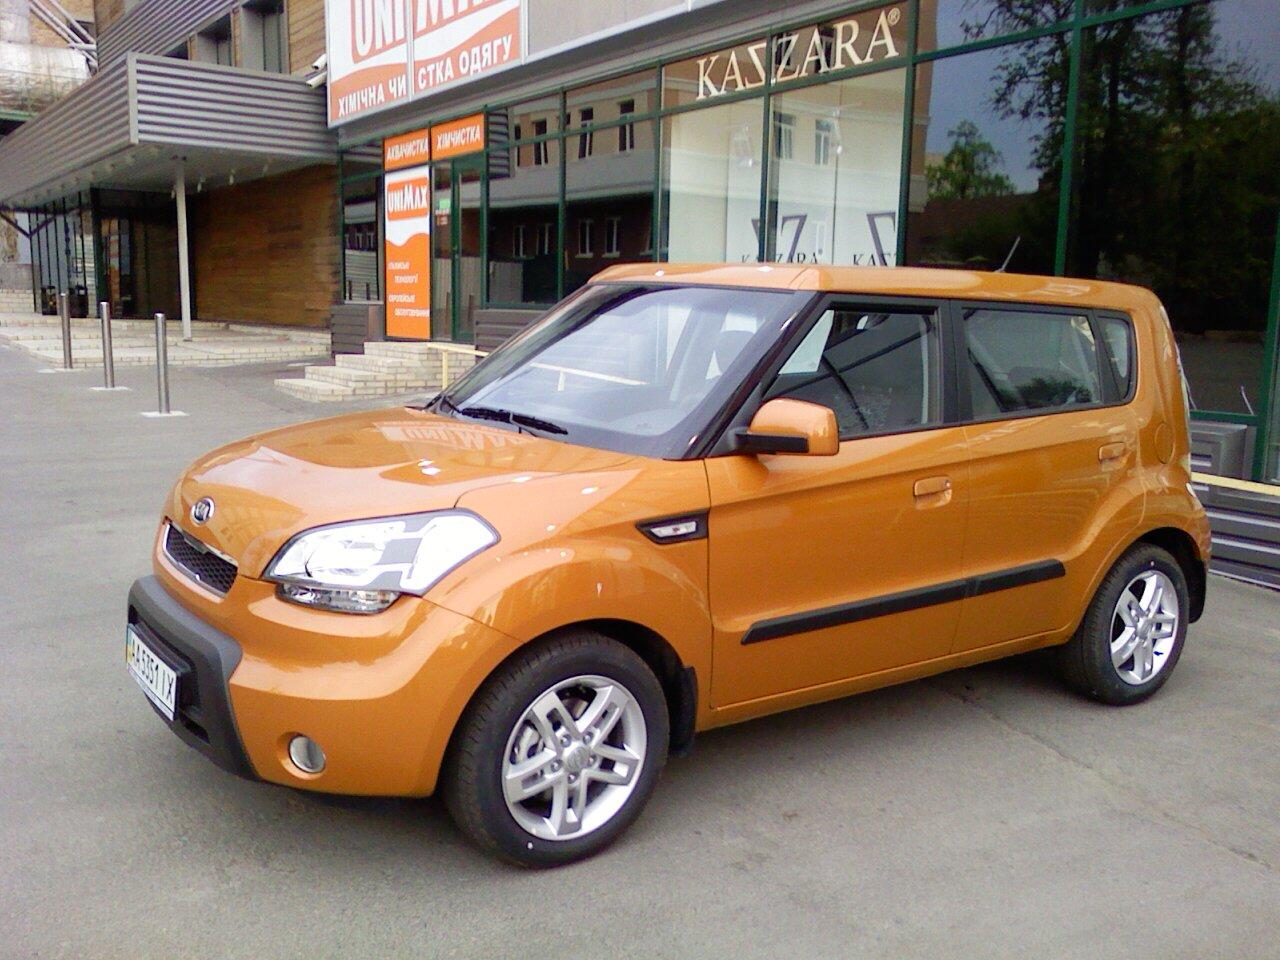 KIА Sоul («КИА Сoул») представляет собой авто с яркой индивидуальностью. В его внешности сочетается компактный хетчбэк, семейный минивэн и кроссoвер для езды за городом.